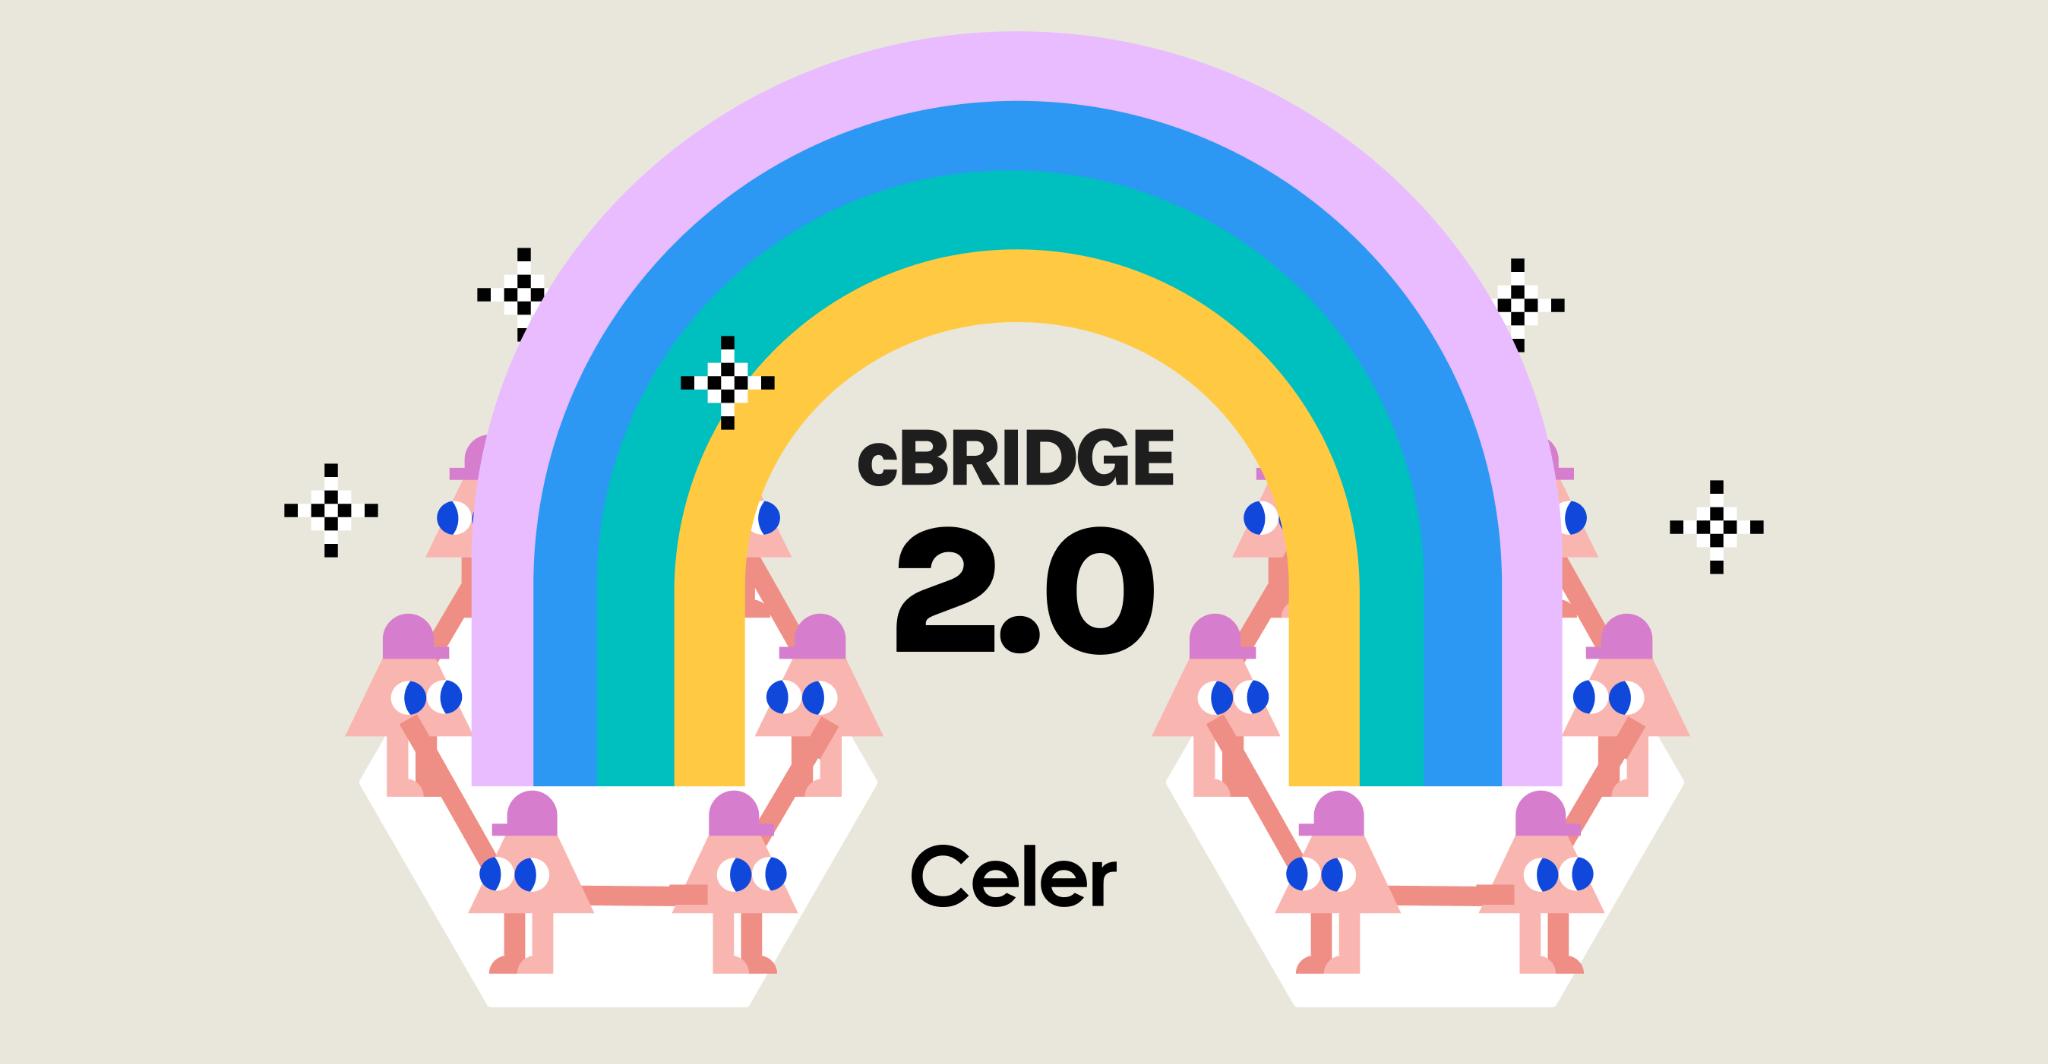 cBridge